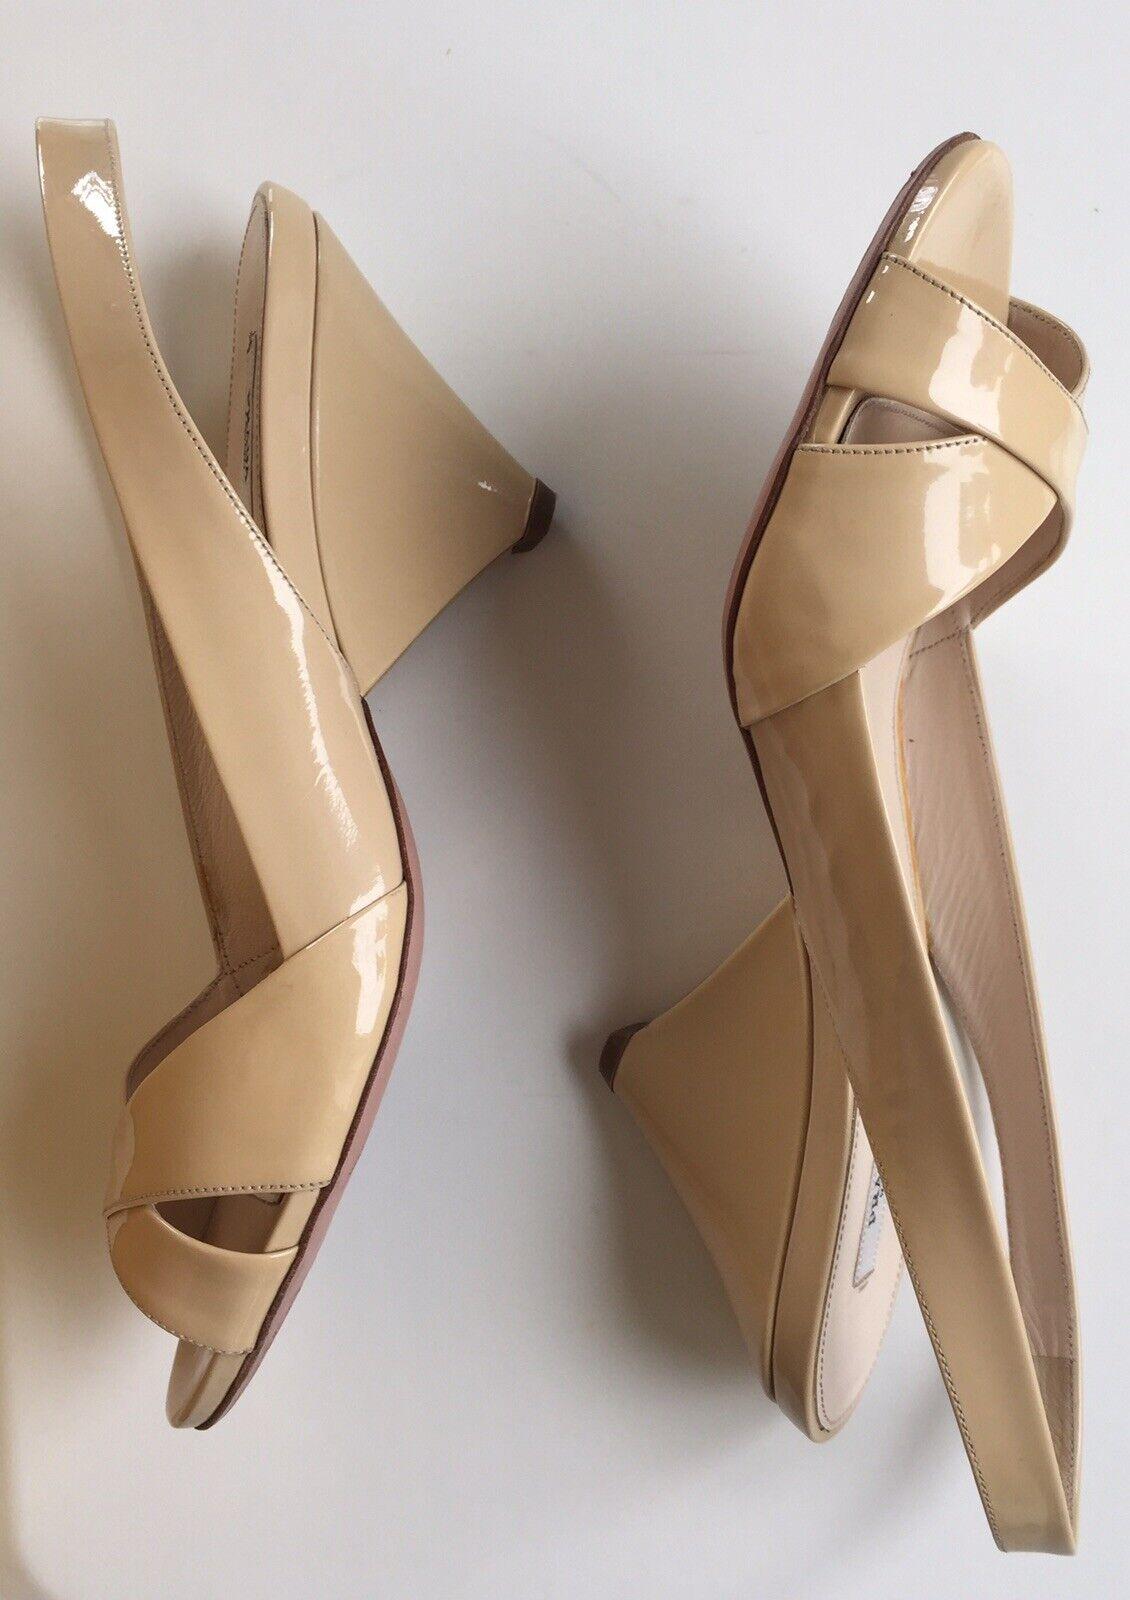 Prada Sandalias De Diseñador Brillante Beige Cuero